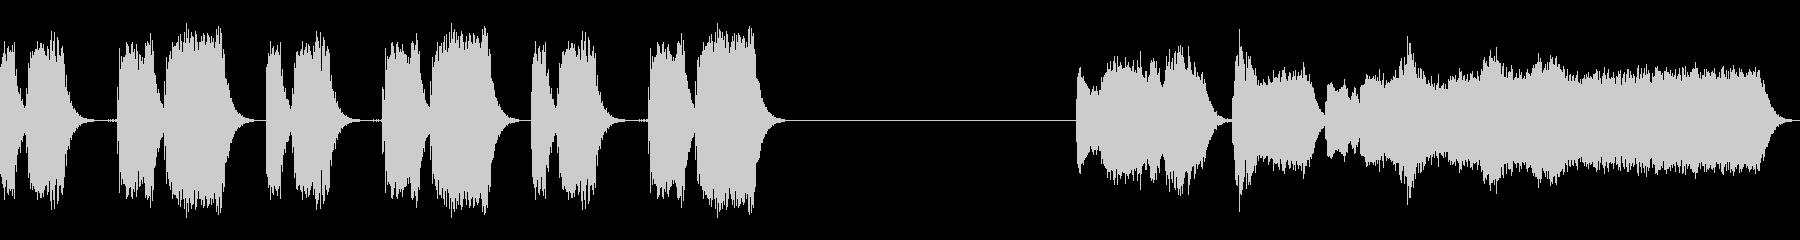 レーザーガン:複数のスプレーショッ...の未再生の波形